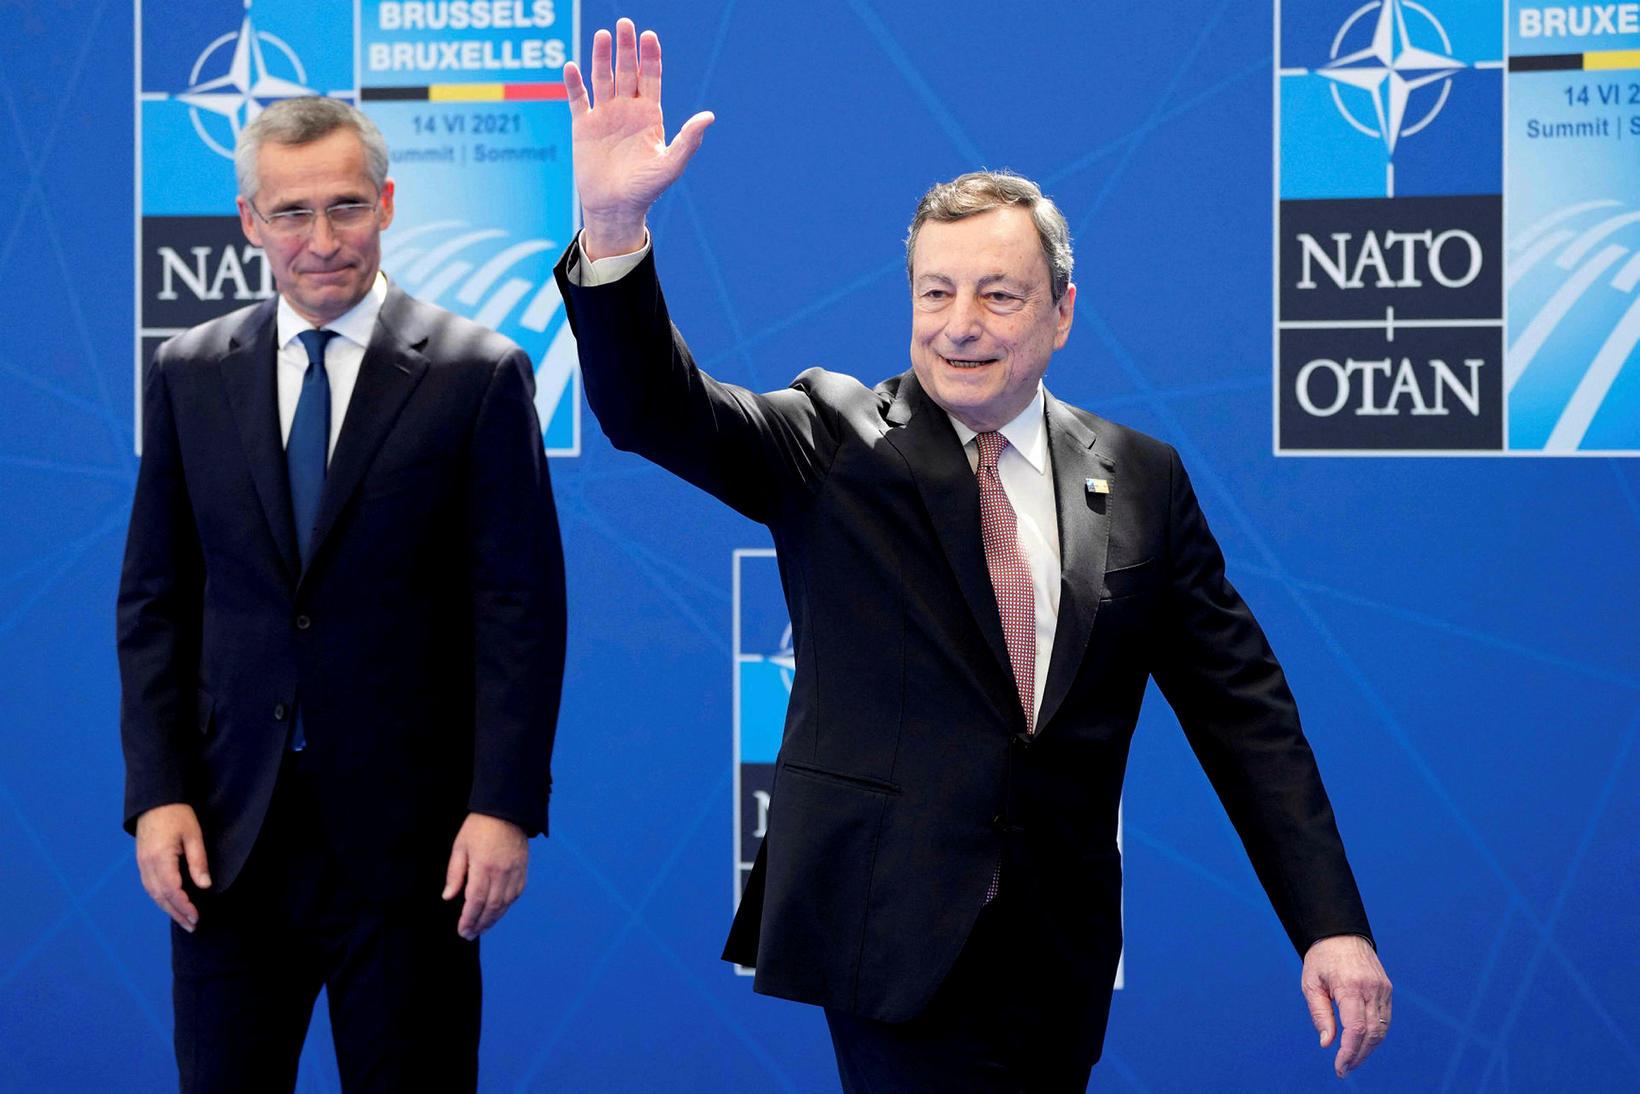 Jens Stoltenberg heilsar Mario Draghi, forsætisráðherra Ítalíu.